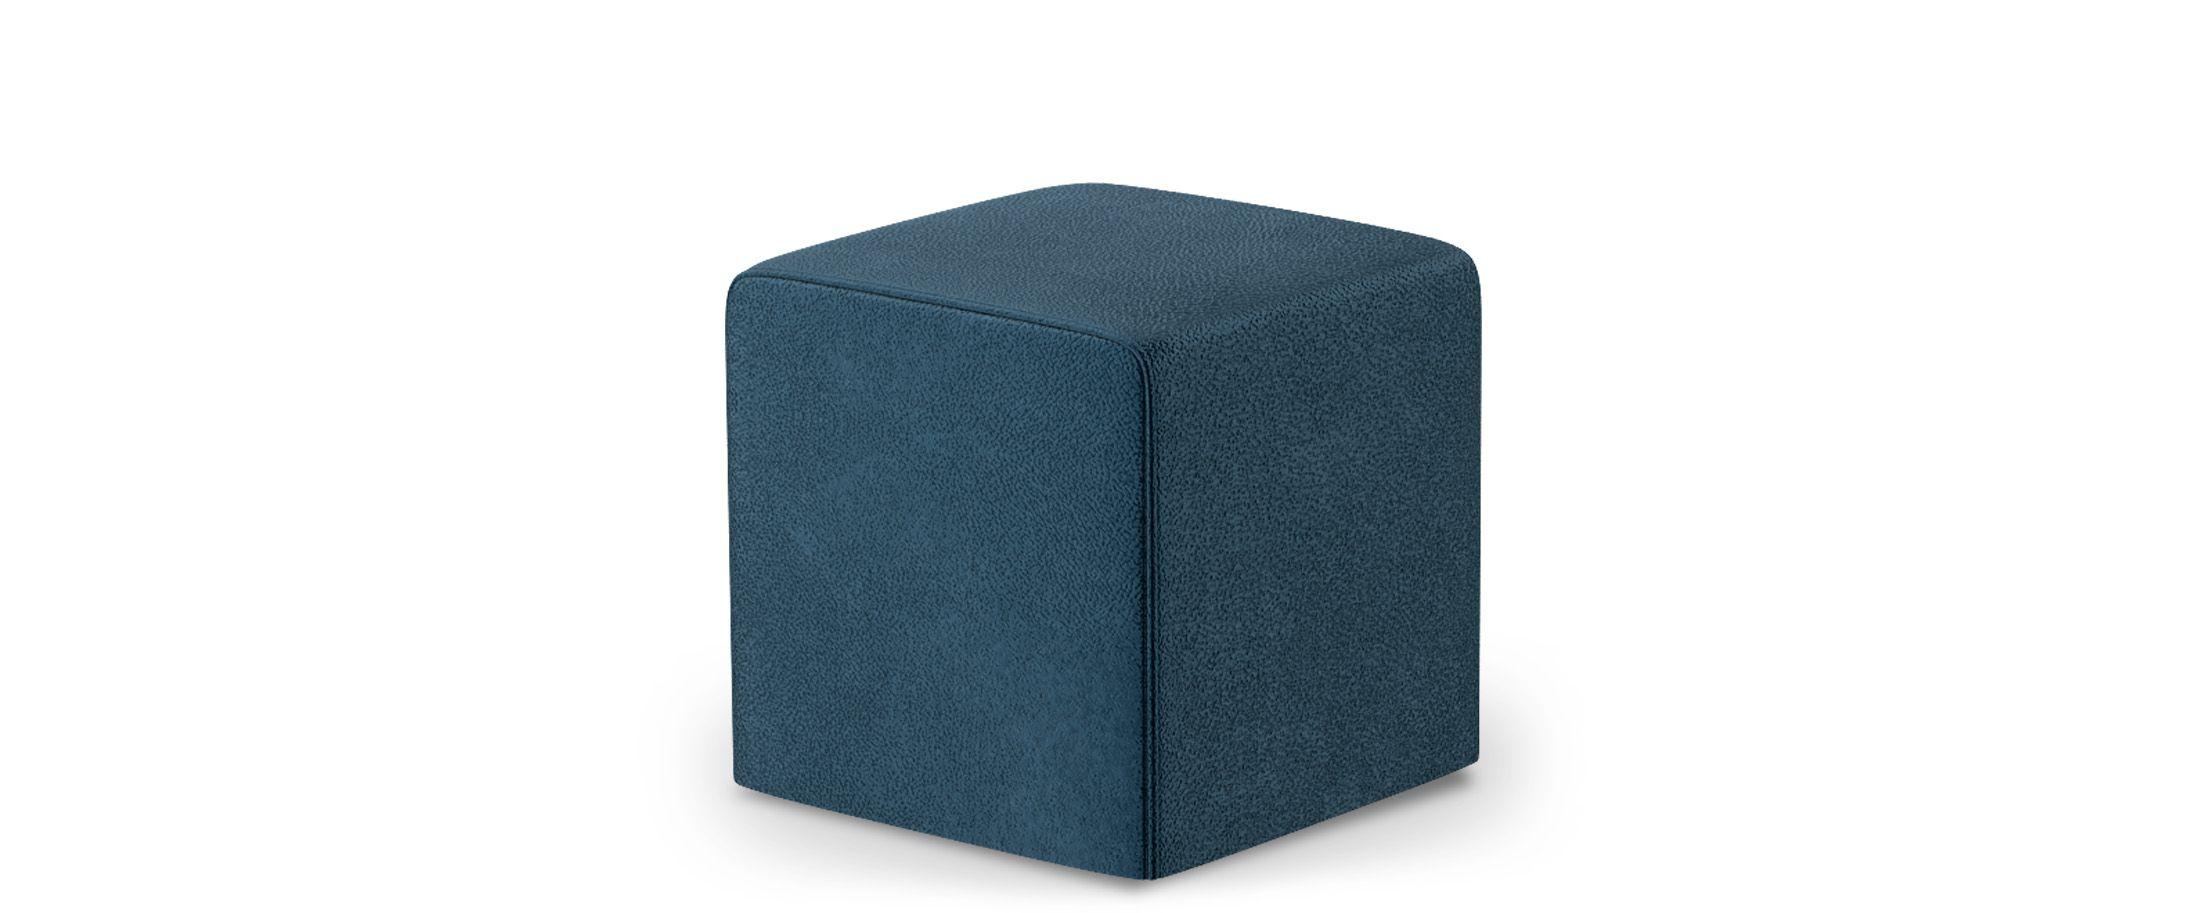 Пуф кубКупить квадратный пуф из велюра Модель 010 от производителя. Доставка от 1 дня. Гарантия 18 месяцев. Интернет-магазин мебели MOON TRADE.<br><br>Ширина см: 41<br>Глубина см: 41<br>Высота см: 41<br>Цвет: Синий<br>Материал: Велюр